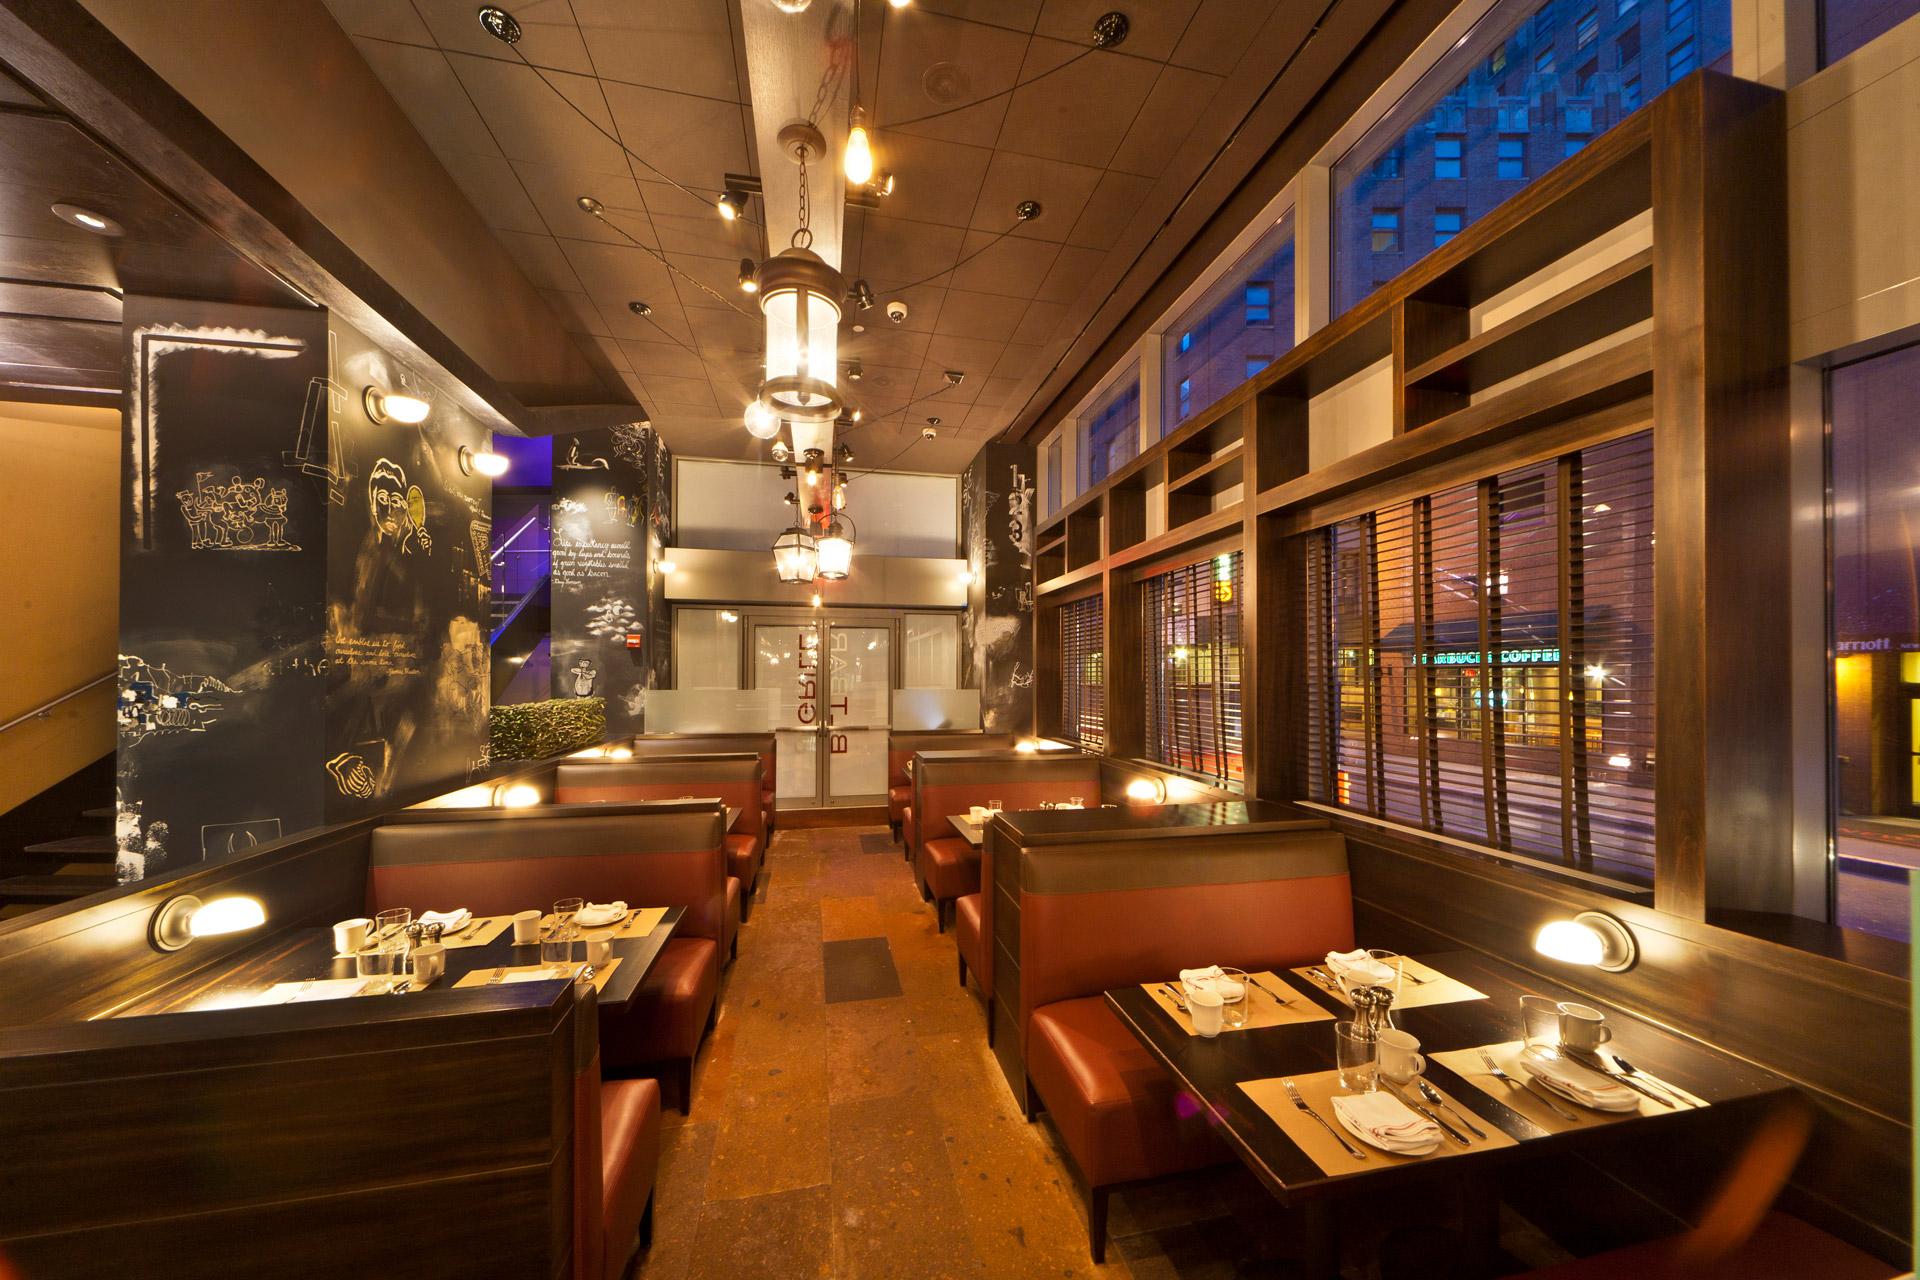 BLT Bar & Grill restaurant